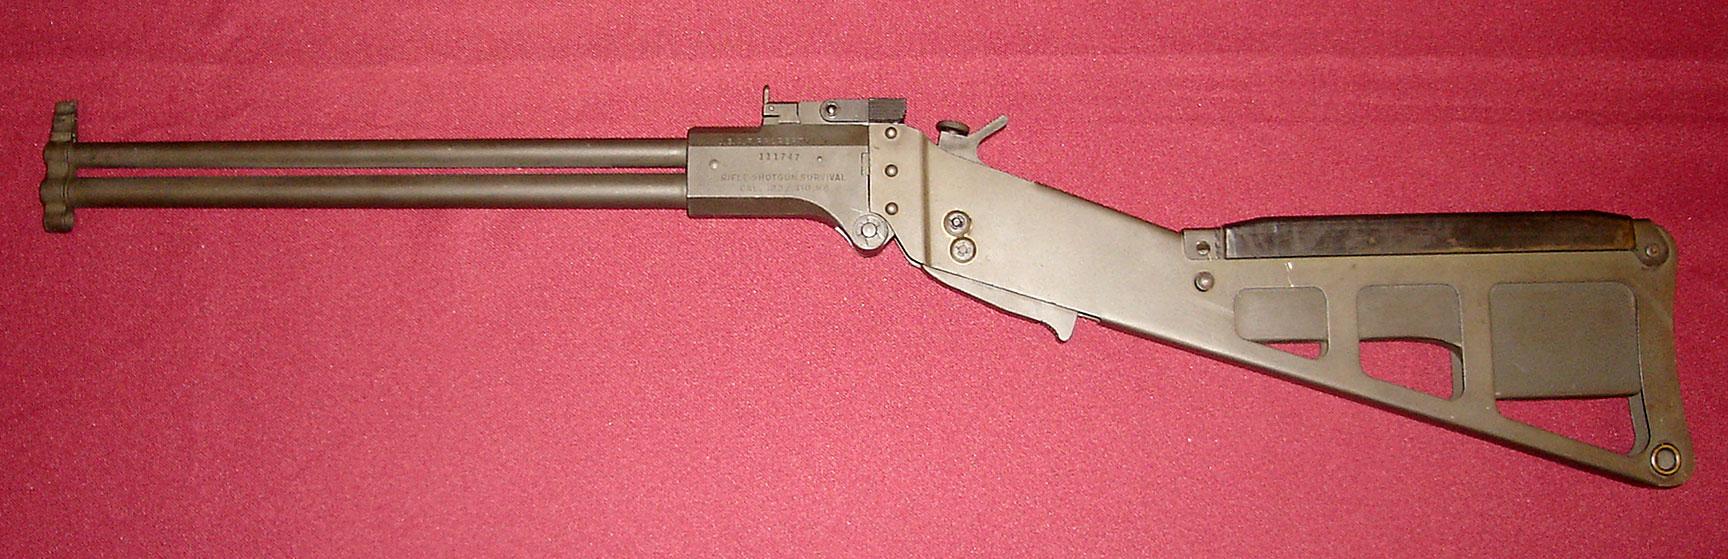 Survival gun list nc